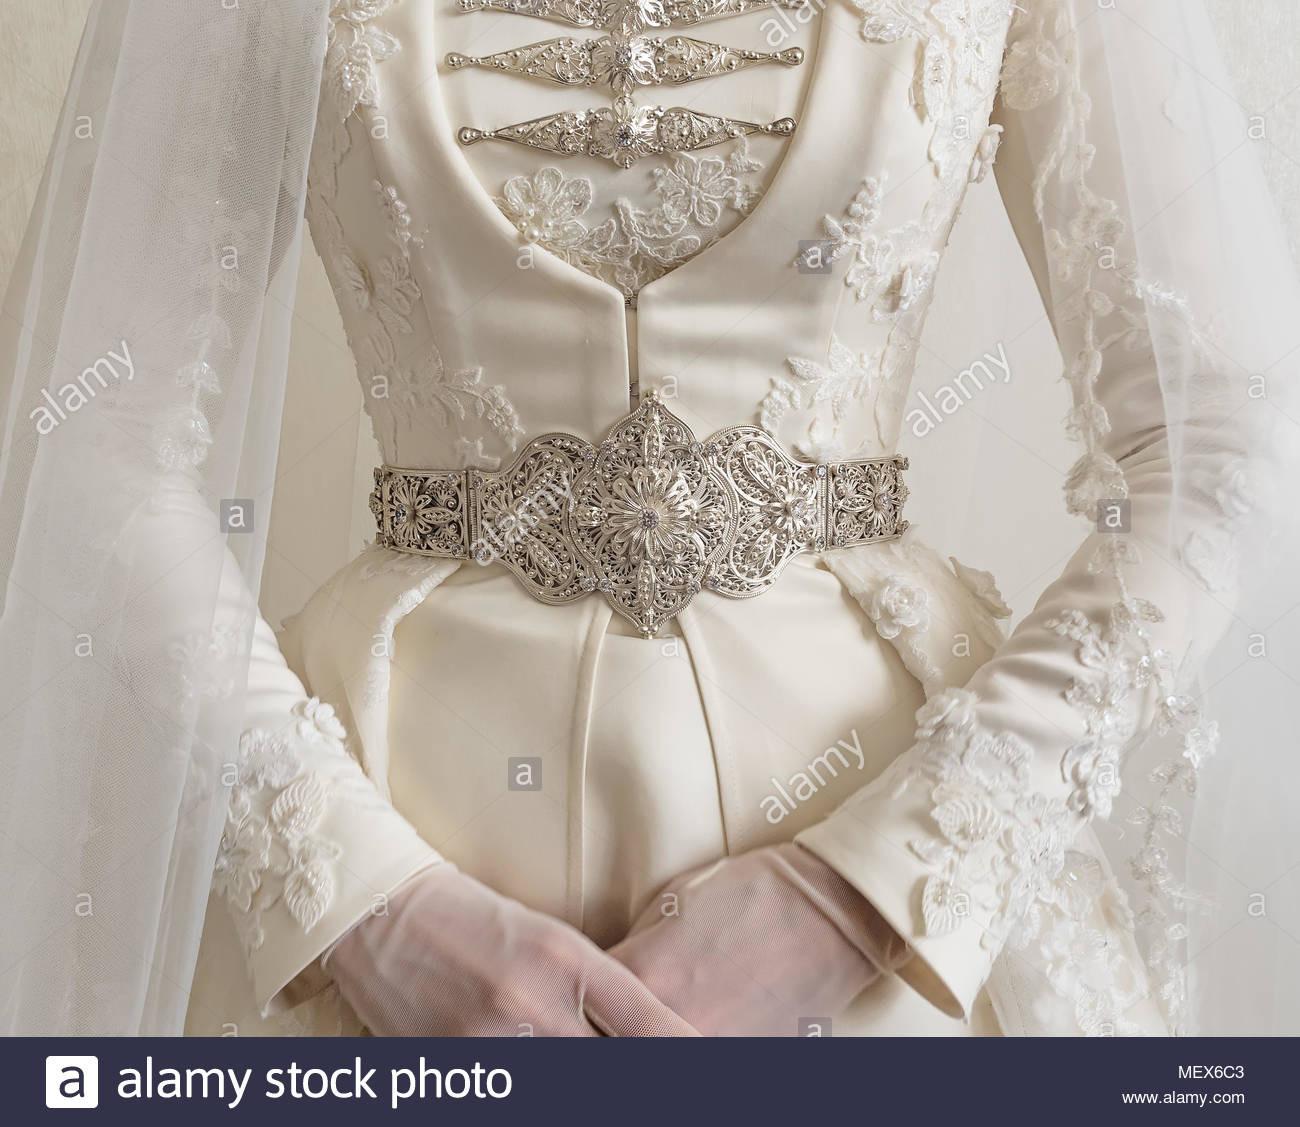 Tracht Der Kaukasischen Braut. Nahaufnahme Einer Hochzeit